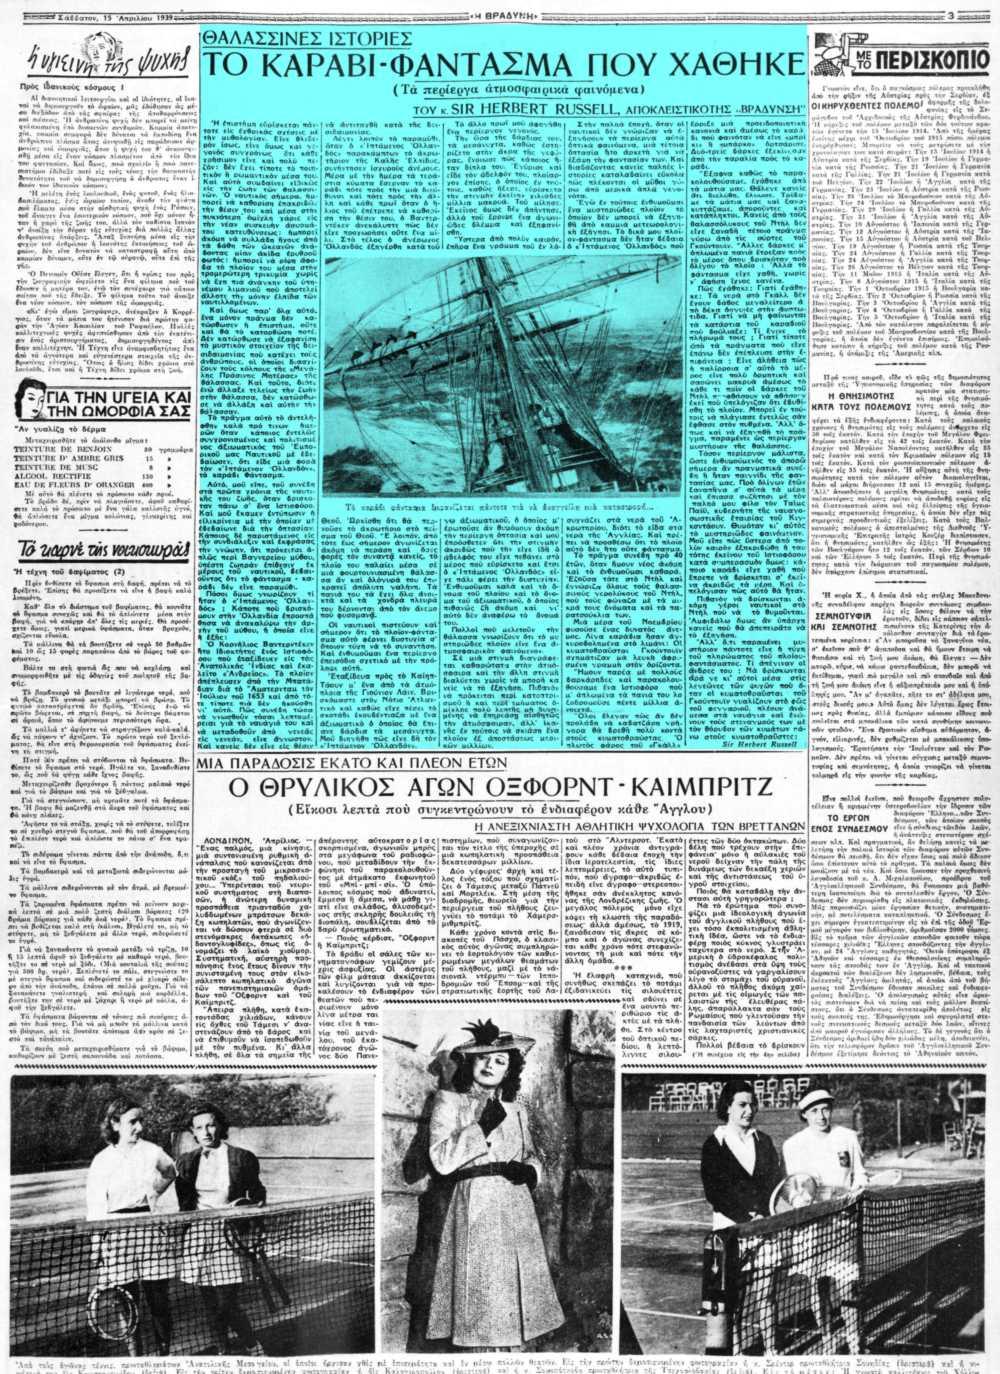 """Το άρθρο, όπως δημοσιεύθηκε στην εφημερίδα """"Η ΒΡΑΔΥΝΗ"""", στις 15/04/1939"""